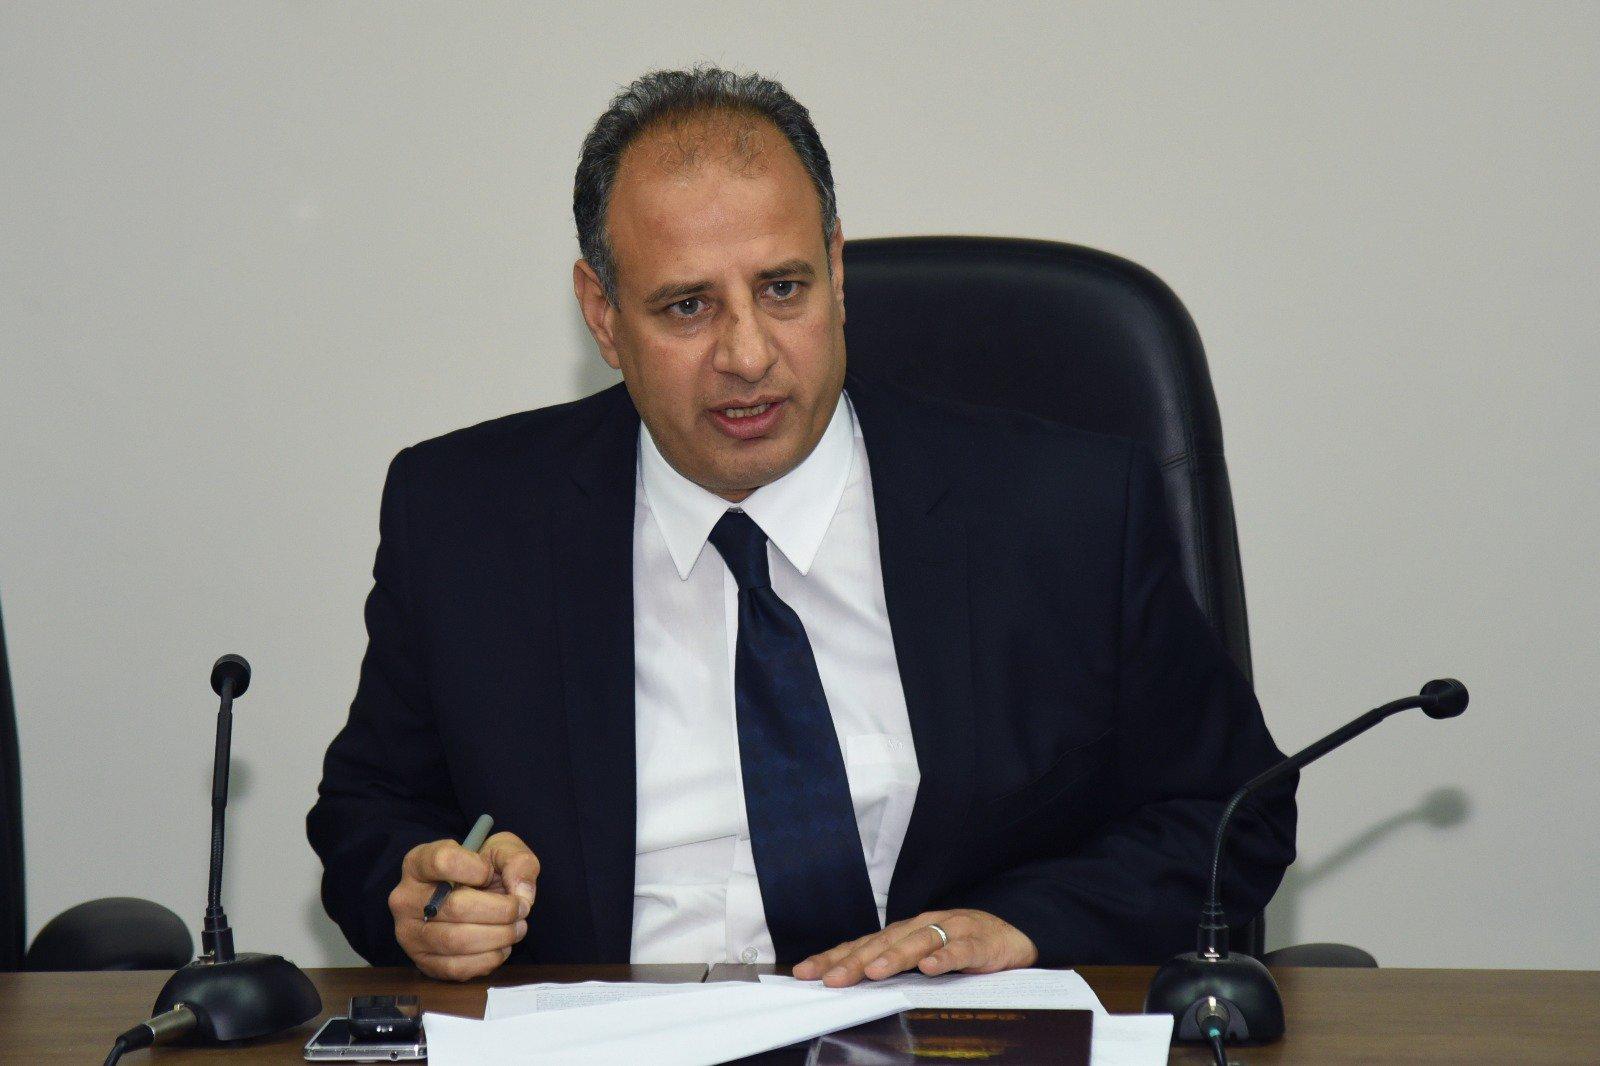 محافظ الاسكندرية يتفقد 48 فدانًا تمهيدا لإنشاء مشروع سكني للشباب